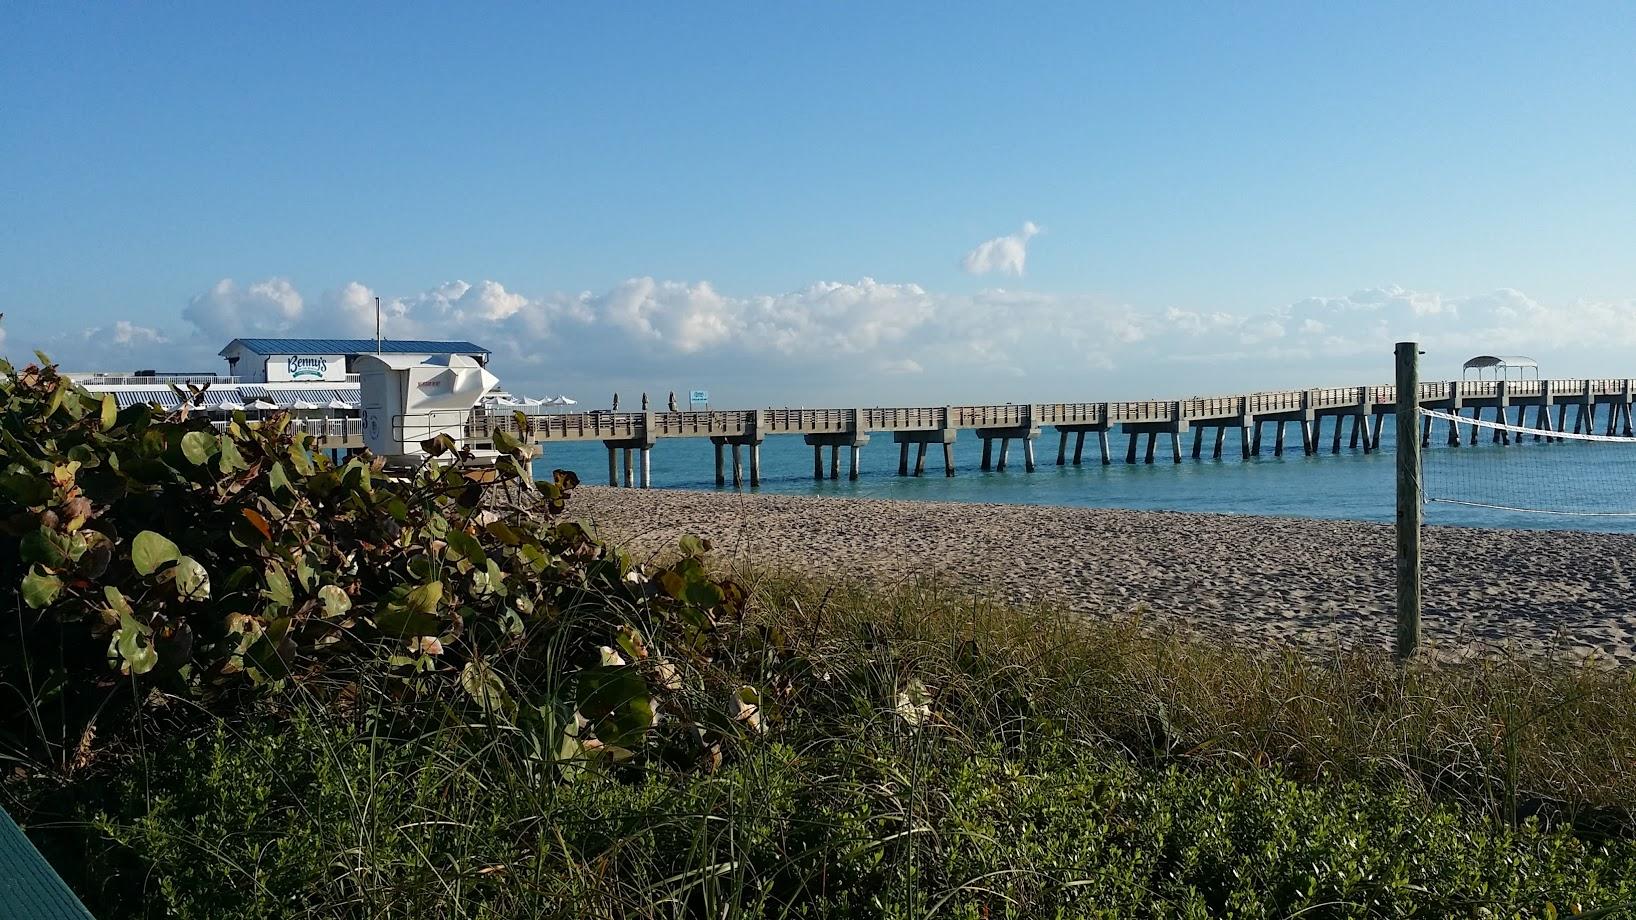 Lake Worth Beach Pier